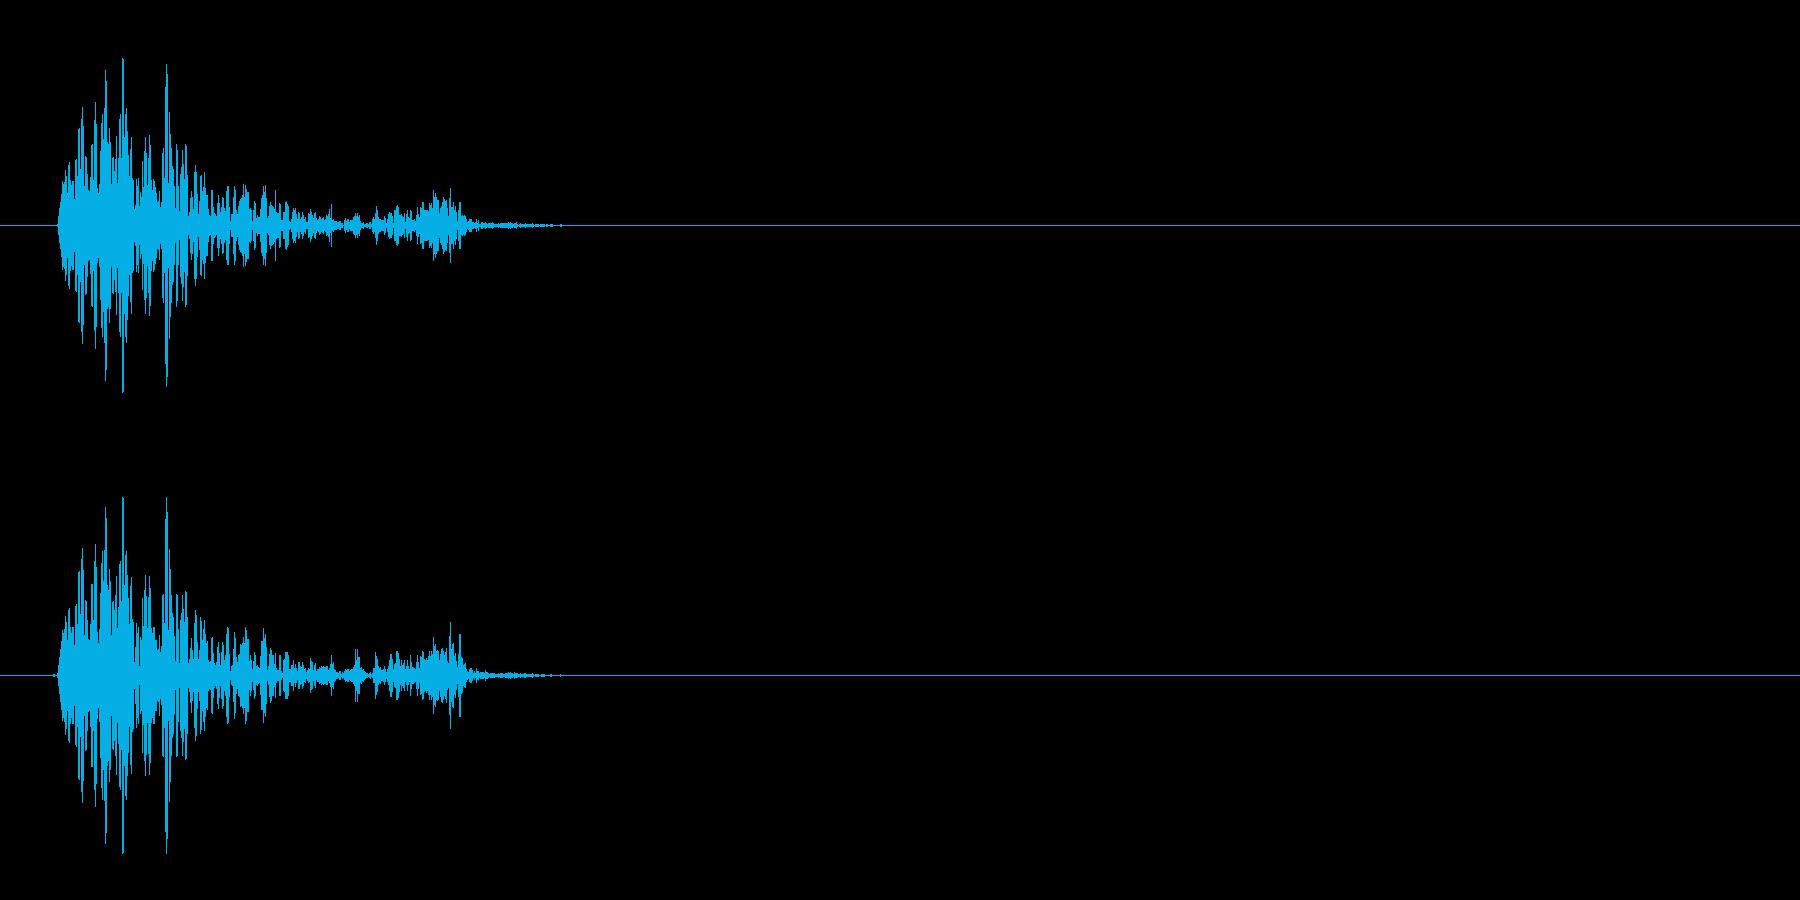 [生録音]ゴクリ、飲み込む音03(1回)の再生済みの波形